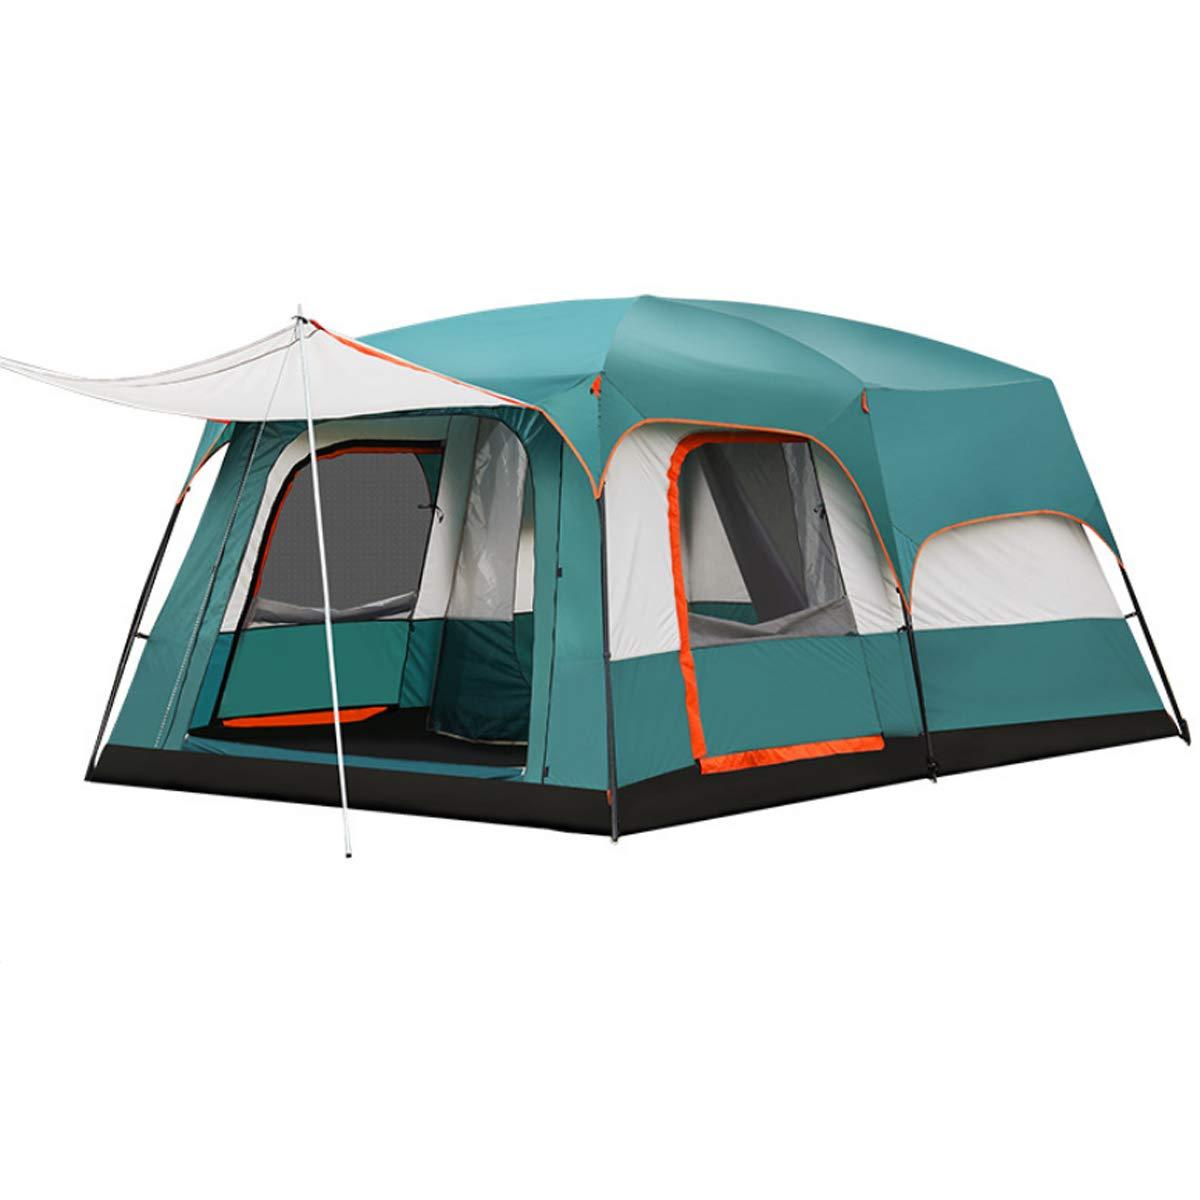 Freetrekker Großes Zelt Familienzelt 8-10 Personen Festivalzelt Luxus Zelt Steilwandzelt Hauszelt Kuppelzelt Campingzelt Gruppenzelt Wasserdicht WS 6.000 mm